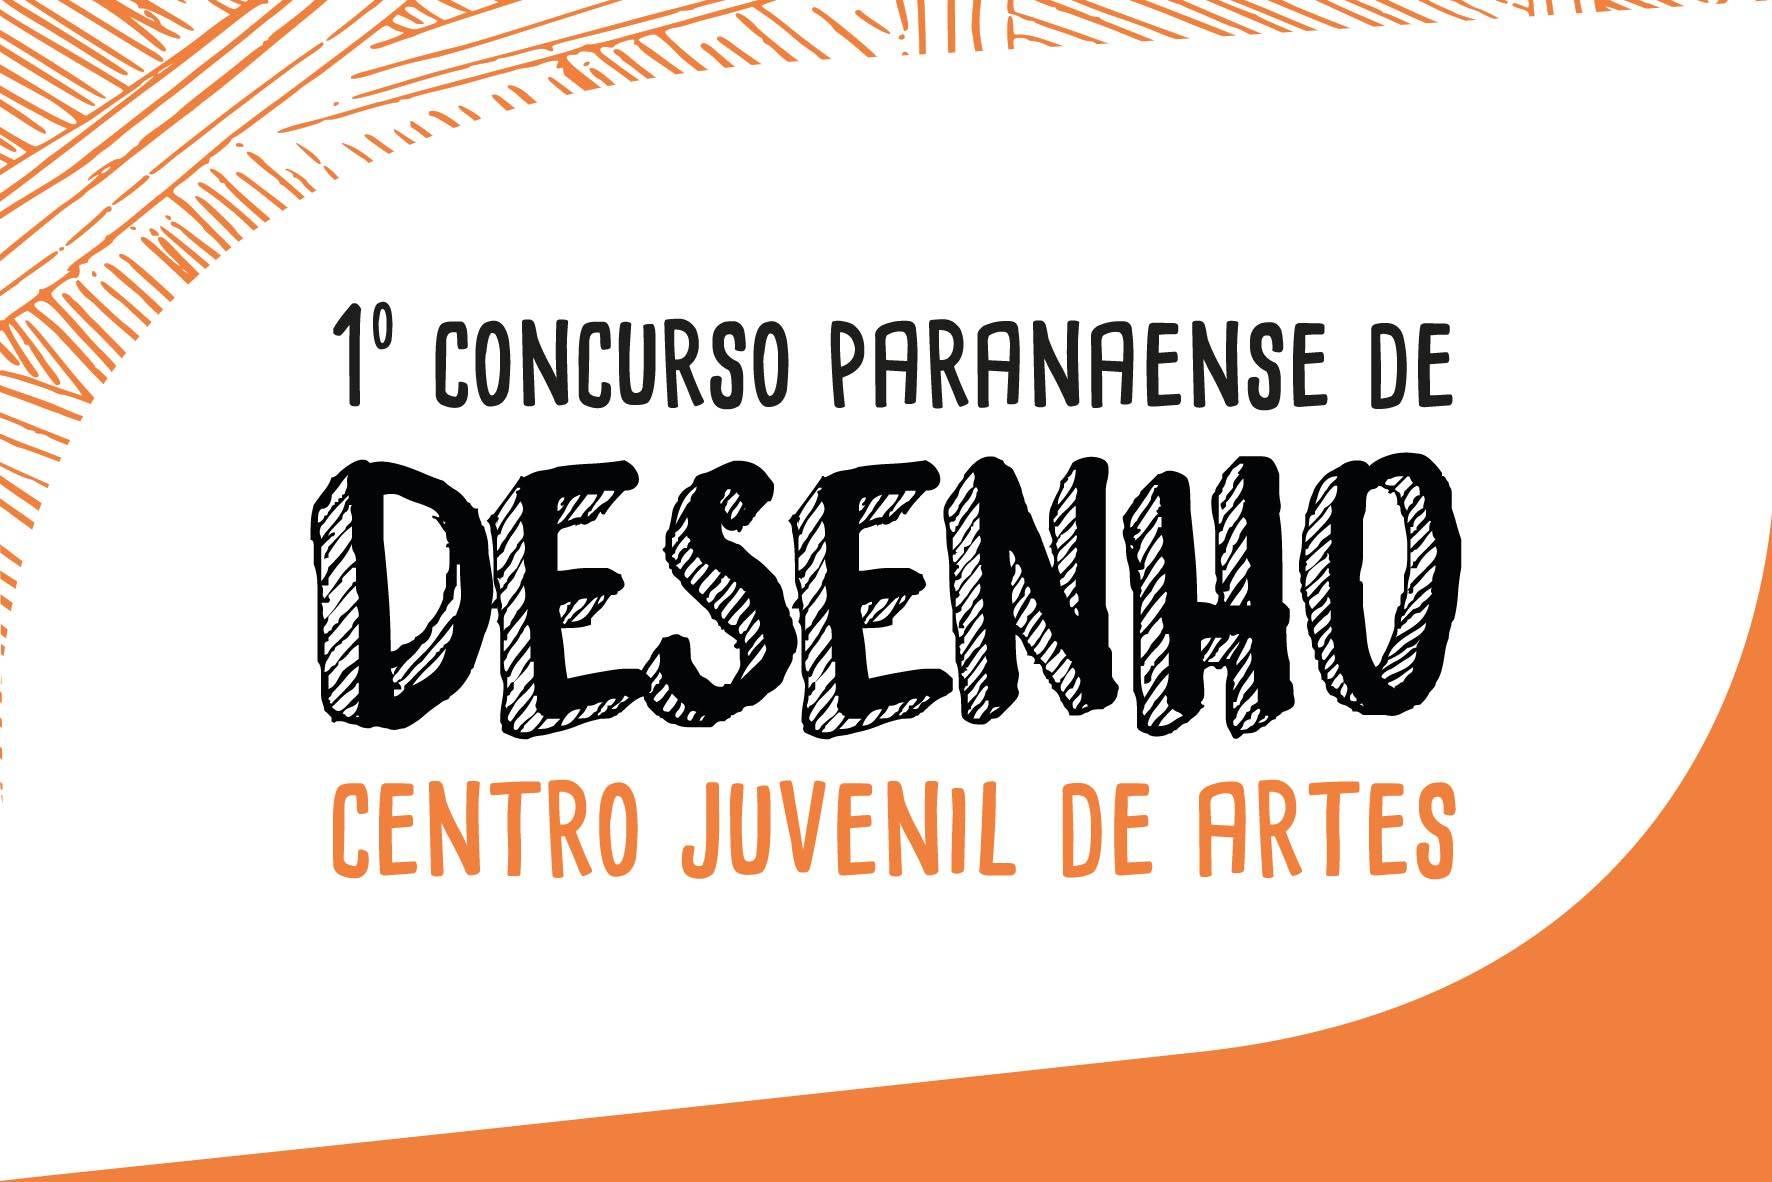 Revelação dos vencedores do concurso e premiação para os três primeiros colocados de cada categoria ocorre na abertura da mostra nesta quinta-feira no saguão de entrada do Palácio Iguaçu, no Centro Cívico.